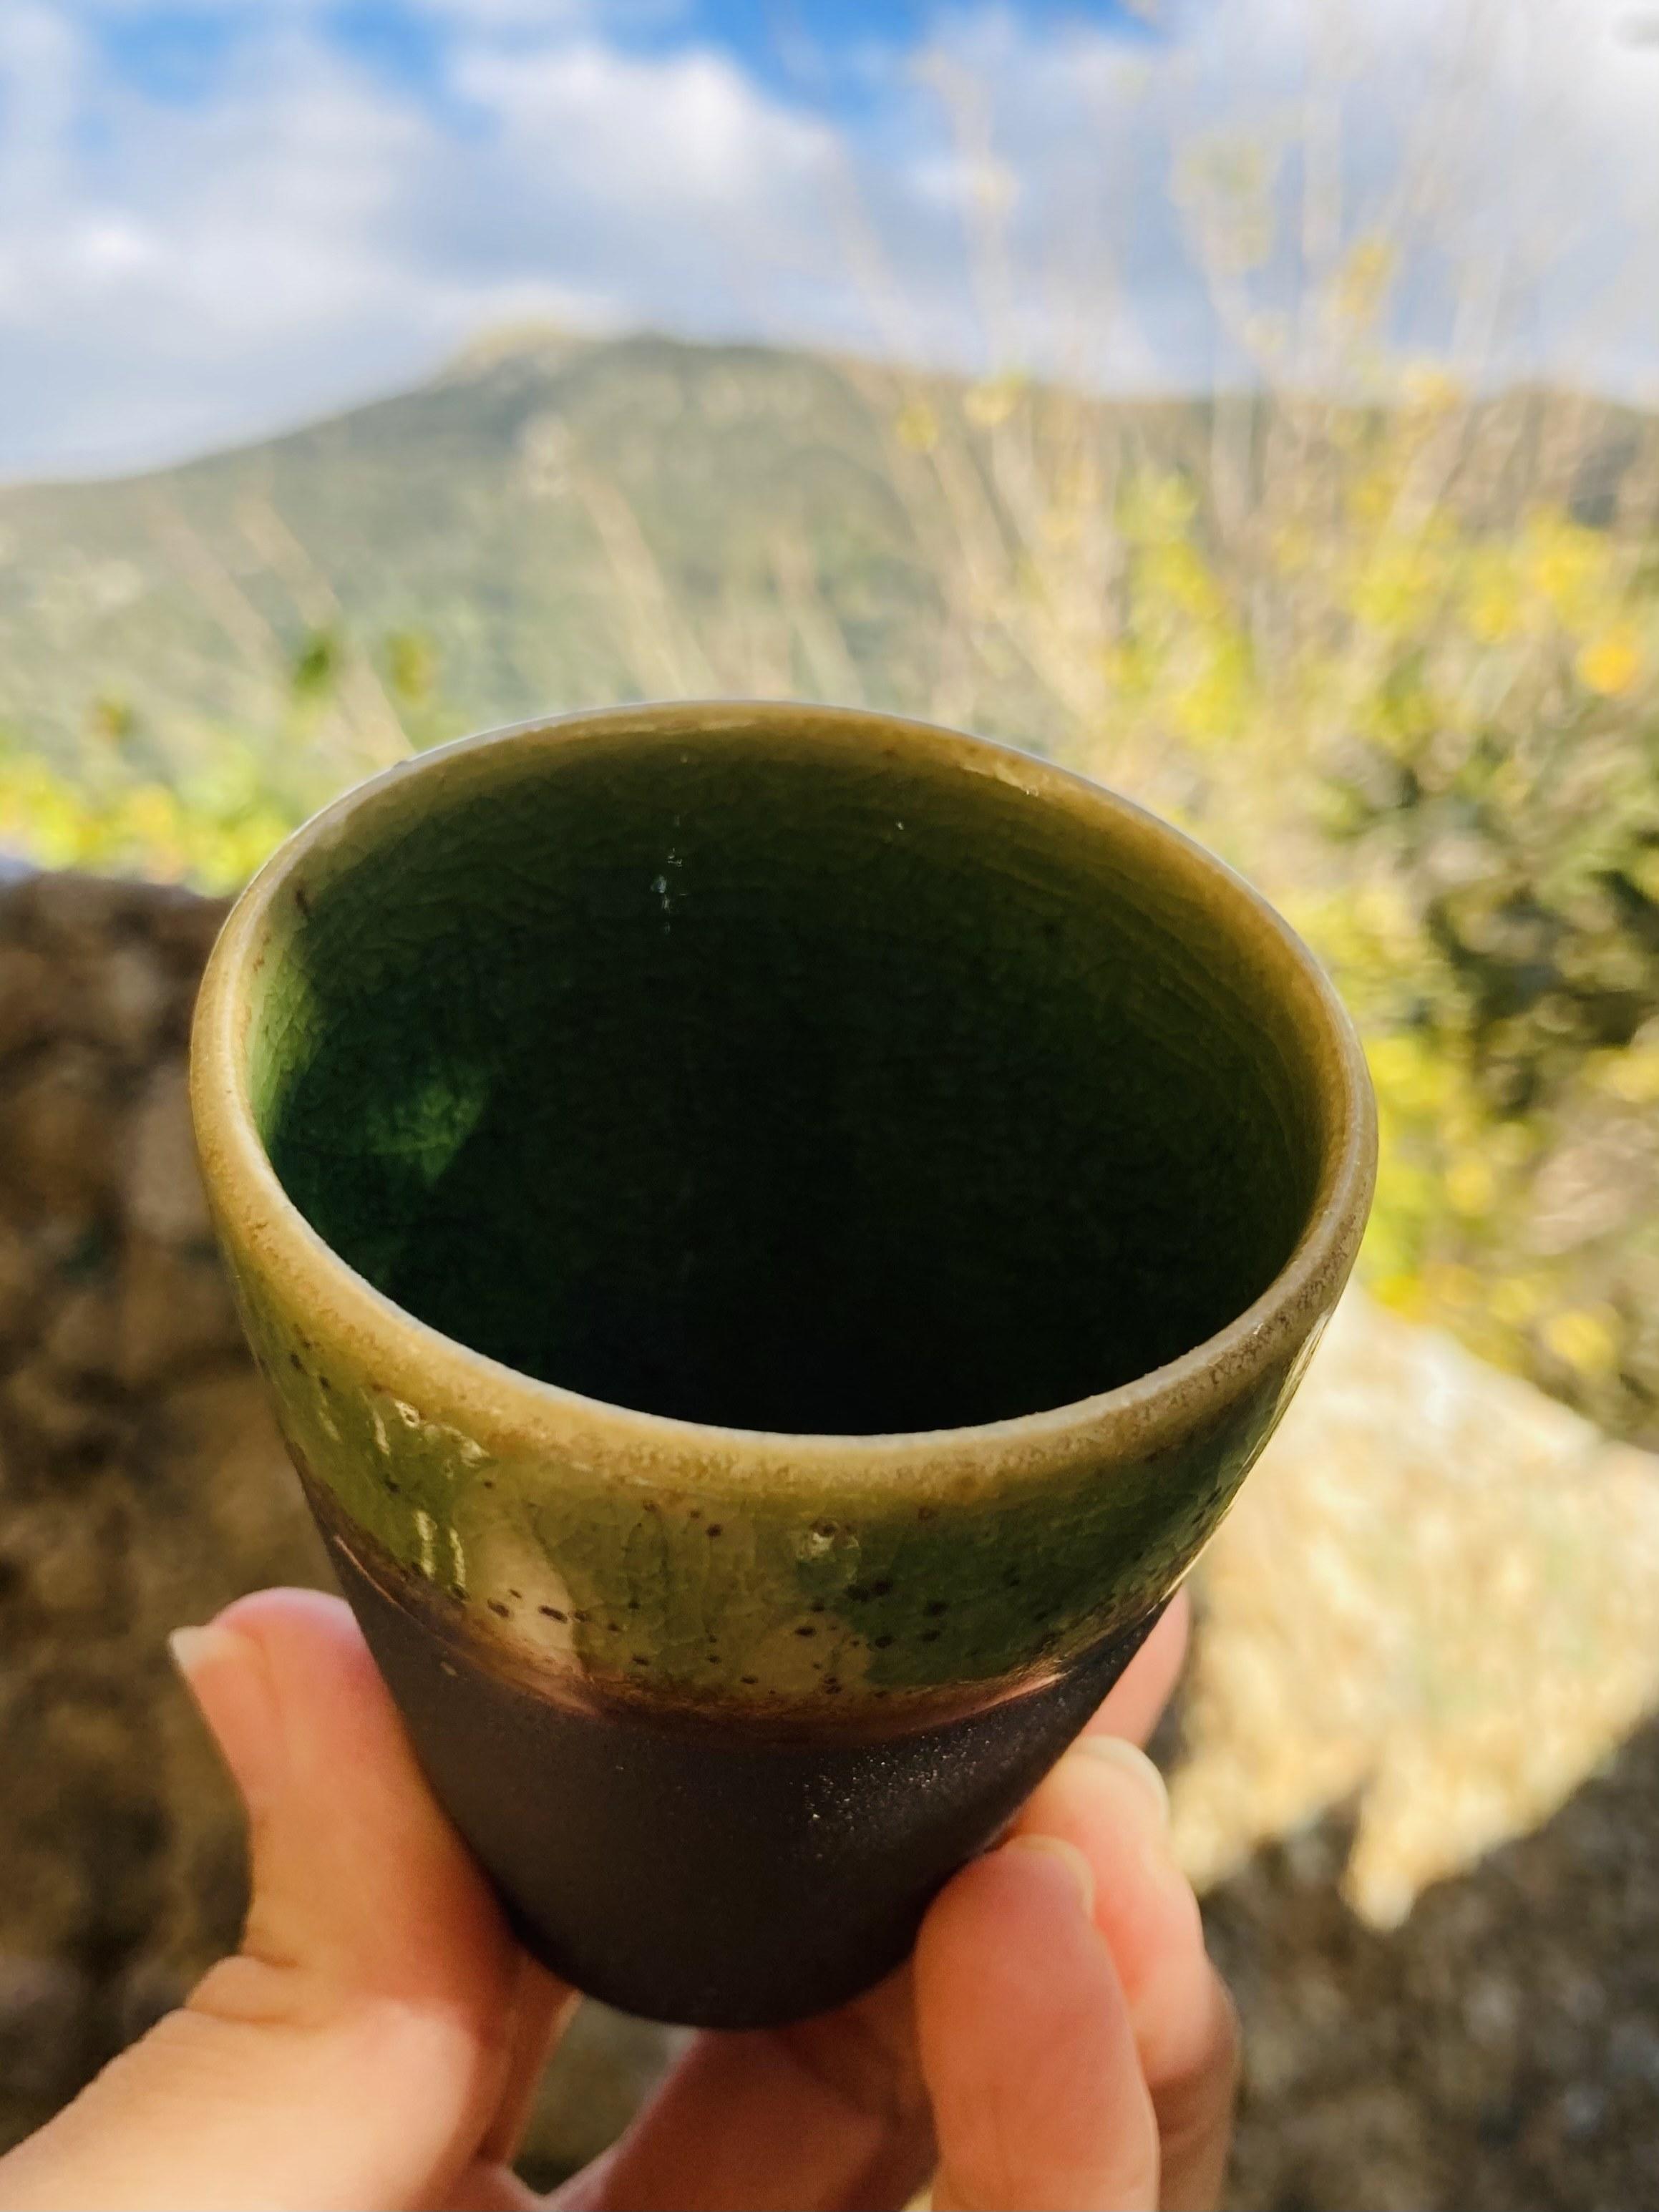 0045-Tasse a café noir vert cone